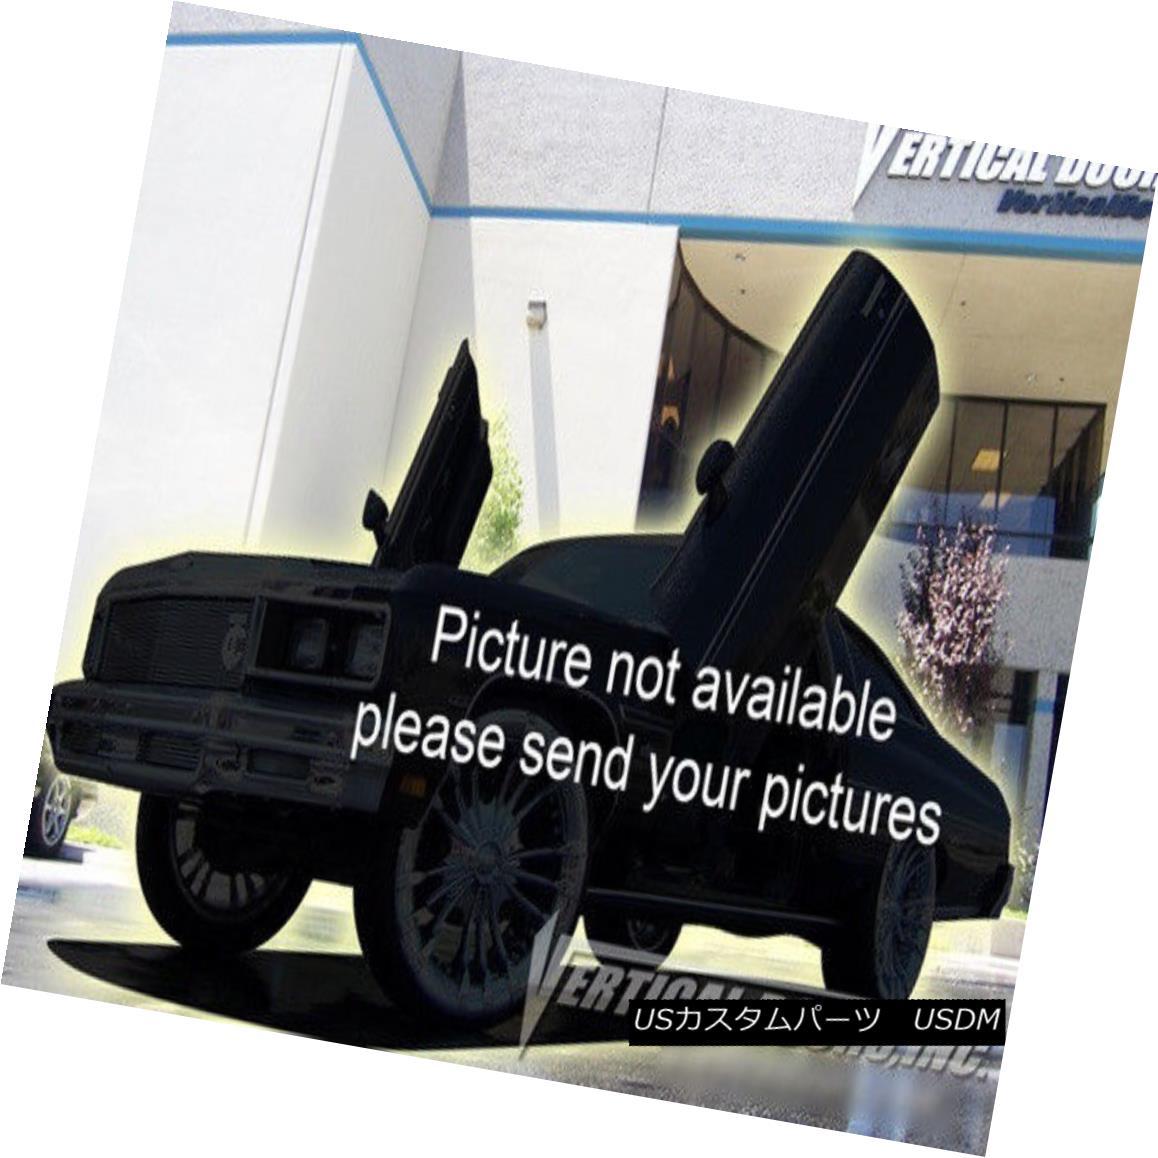 ガルウィングキット Vertical Doors Inc. Bolt-On Lambo Kit for Pontiac Catalina 77-90 Vertical Doors Inc.ポンティアック・カタリナ77-90用ボルトオン・ランボキット